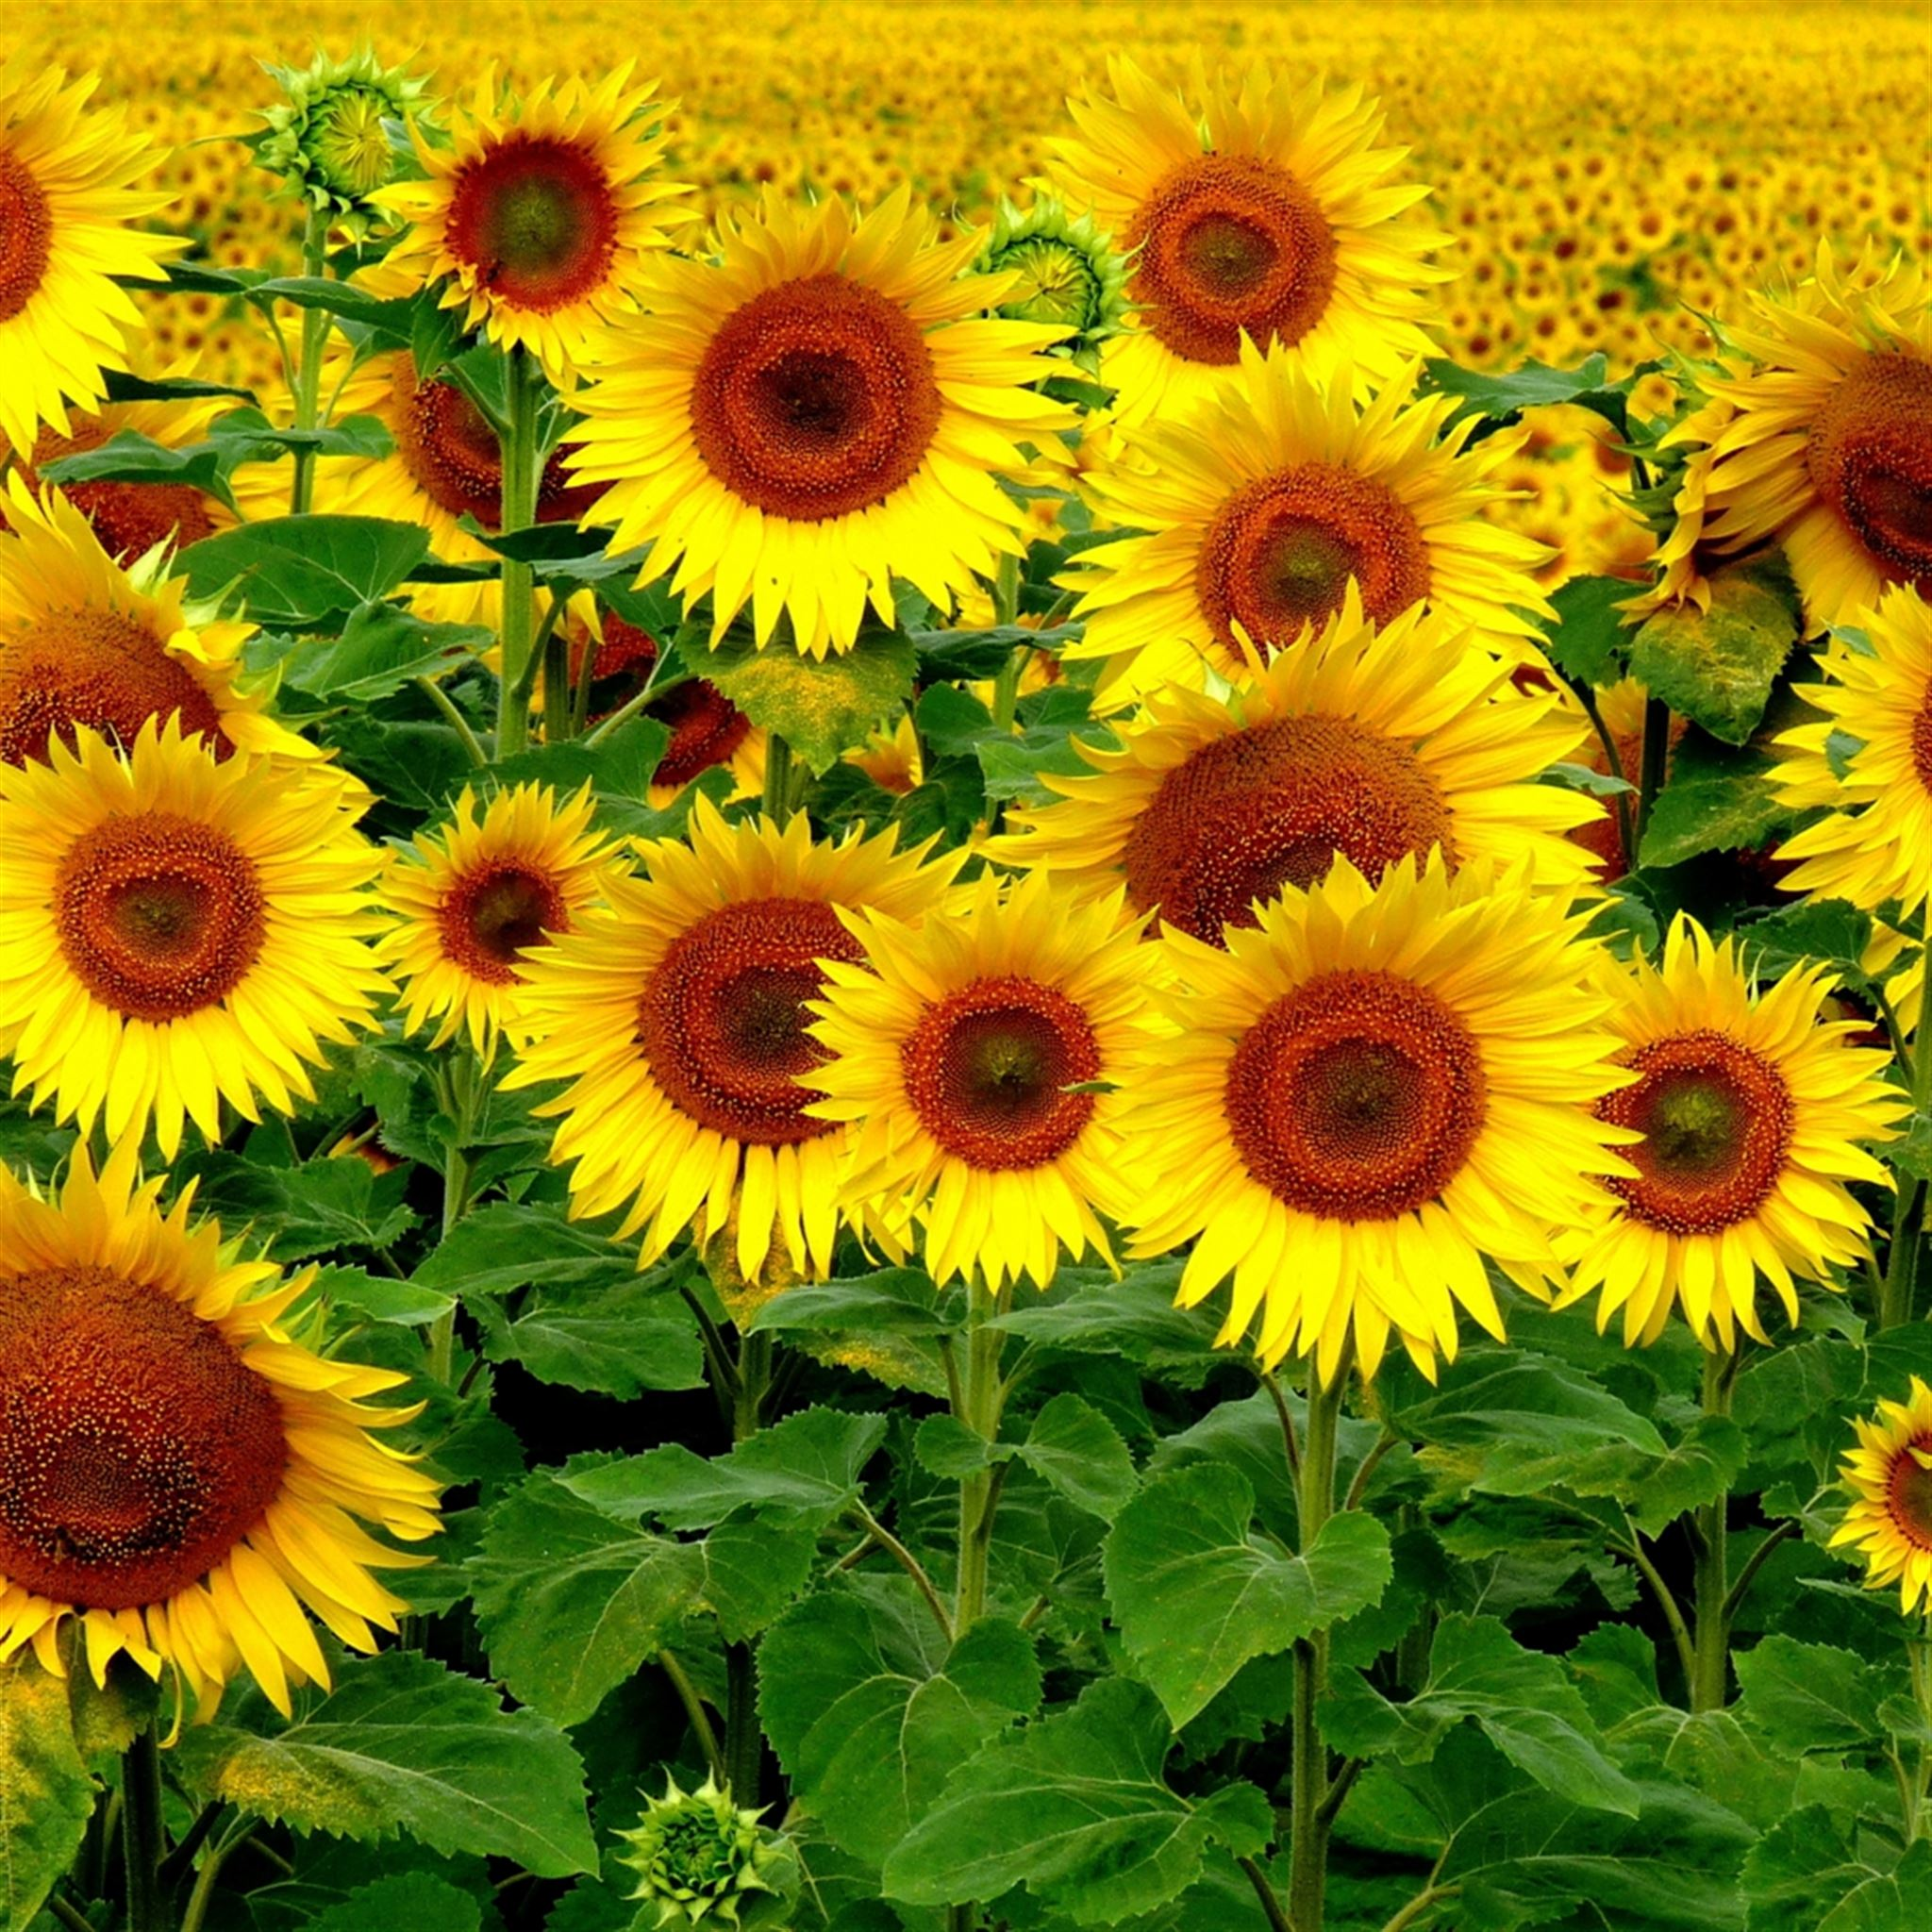 Field Sunflowers Landscape iPad wallpaper